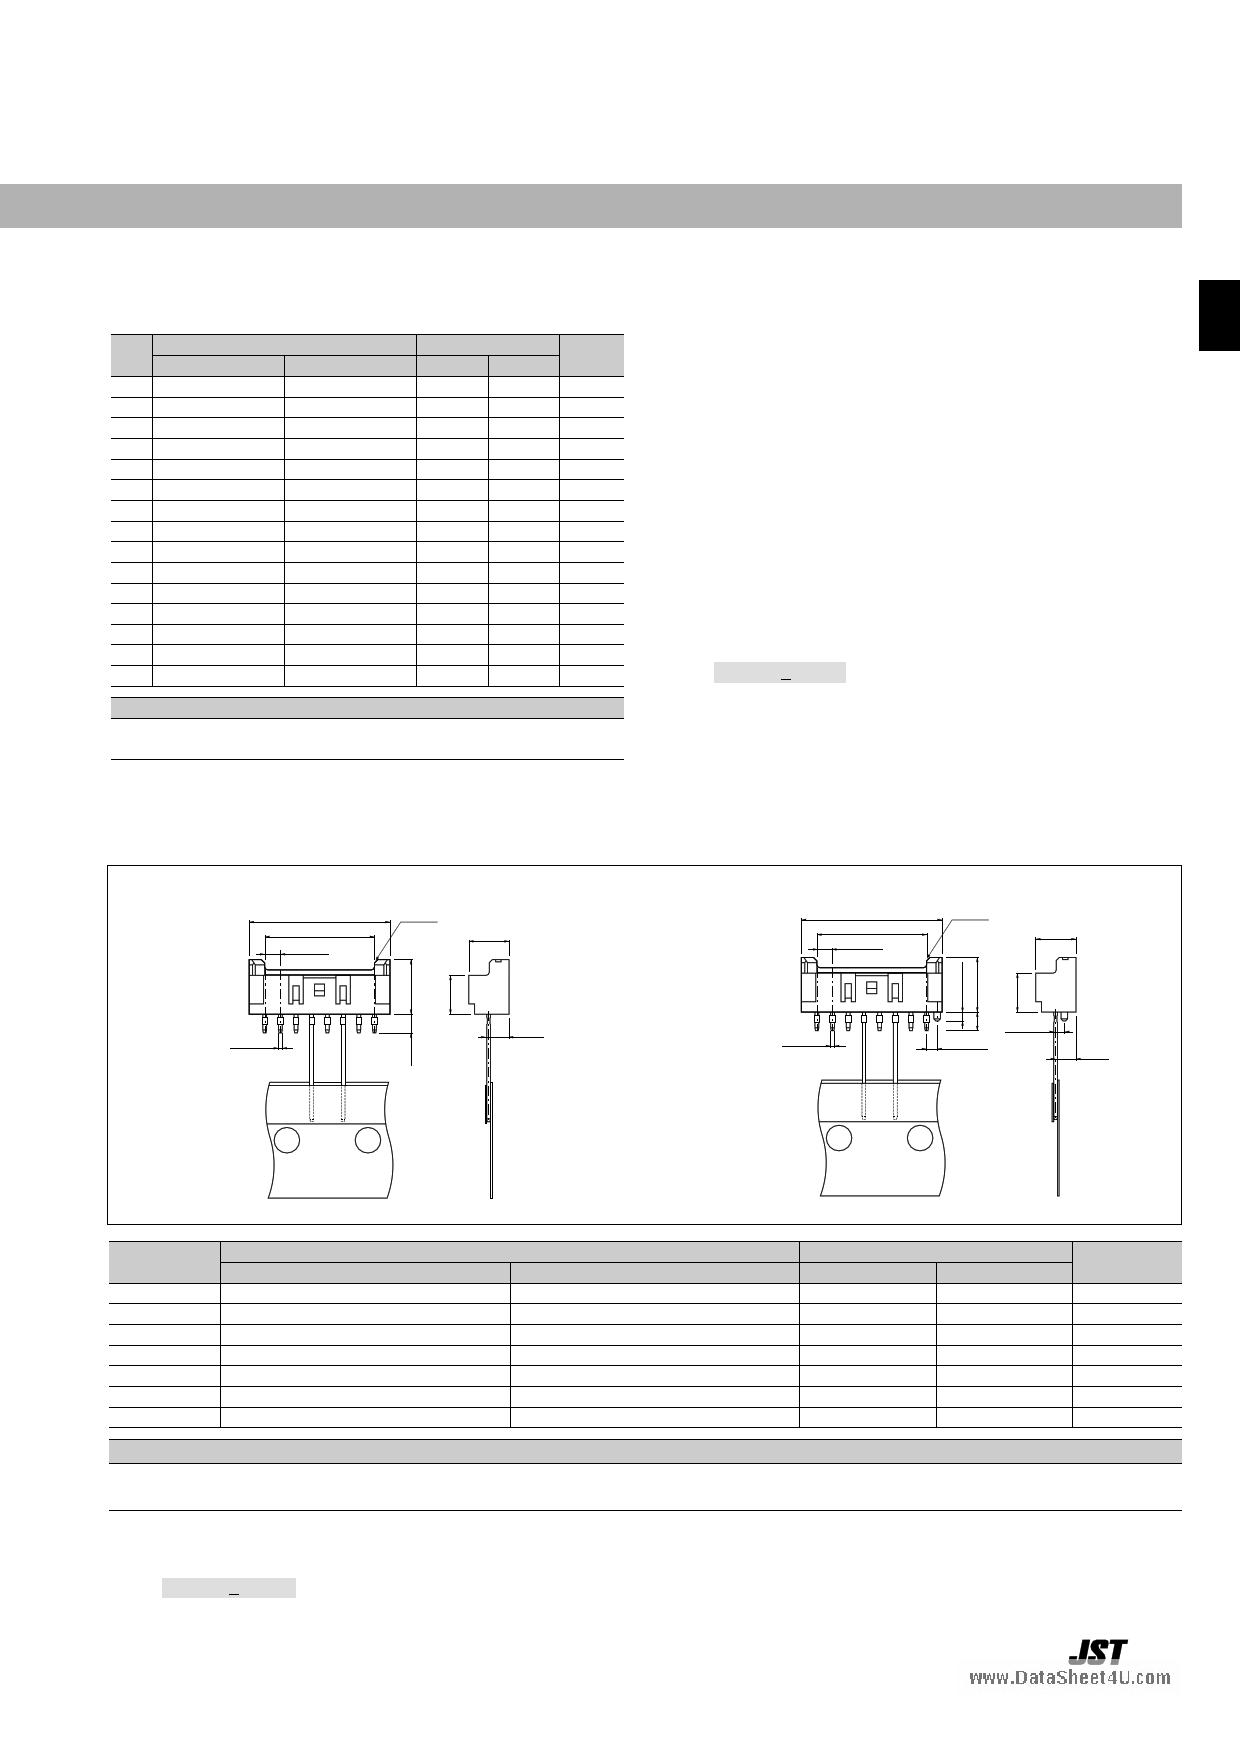 B03B-XASK-1-A pdf